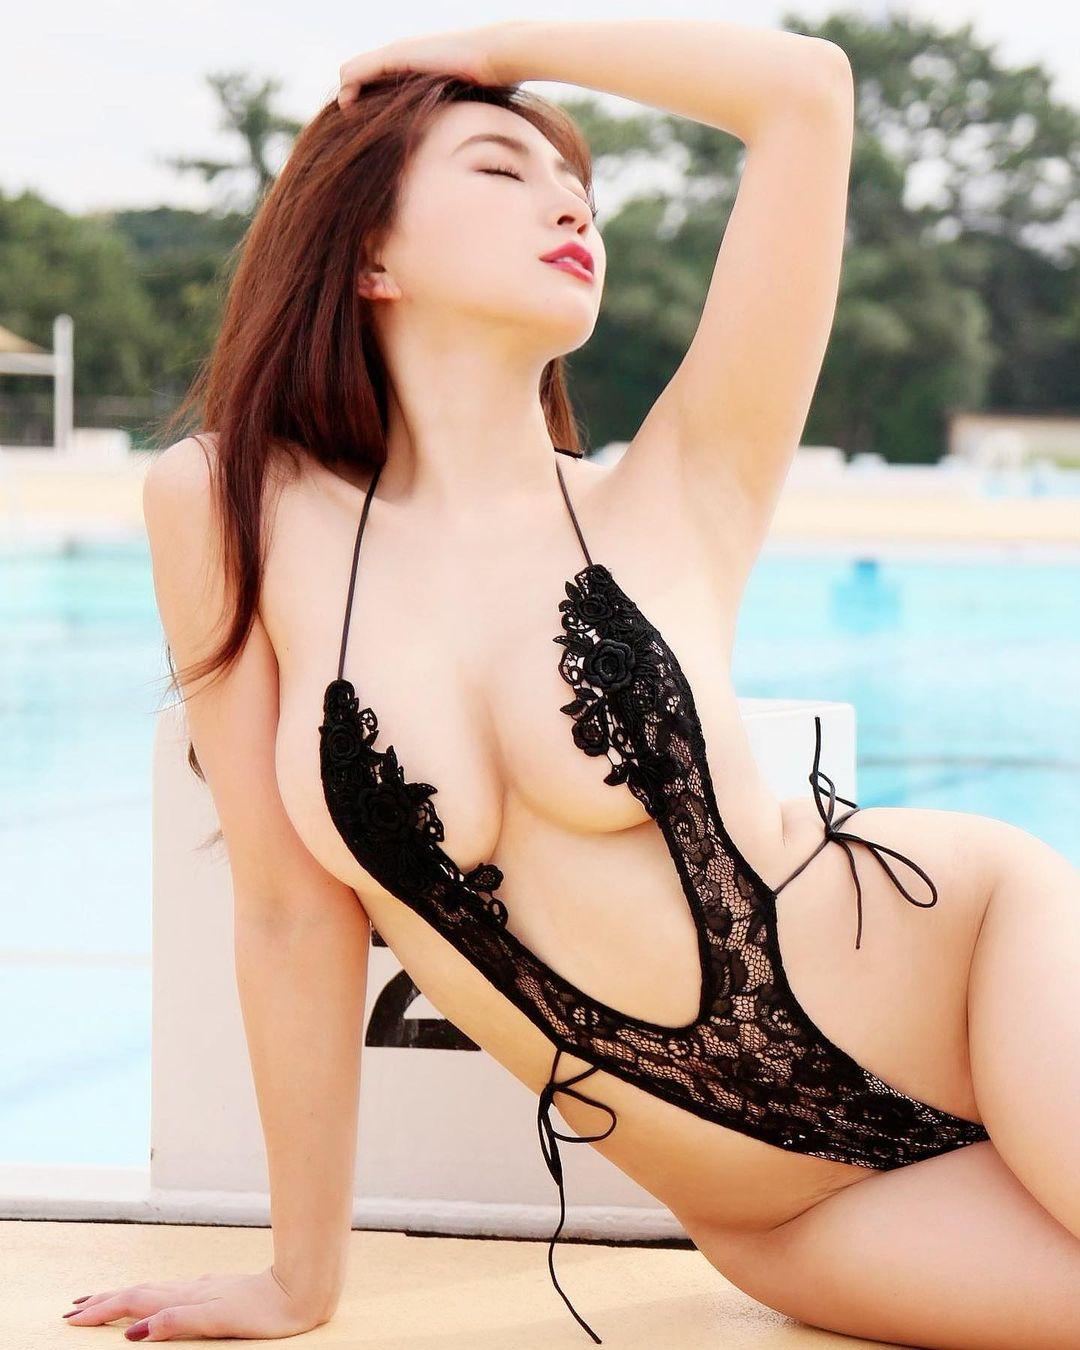 セクシー水着衣装でファンを魅了【森咲智美さん/2021年1月4日】